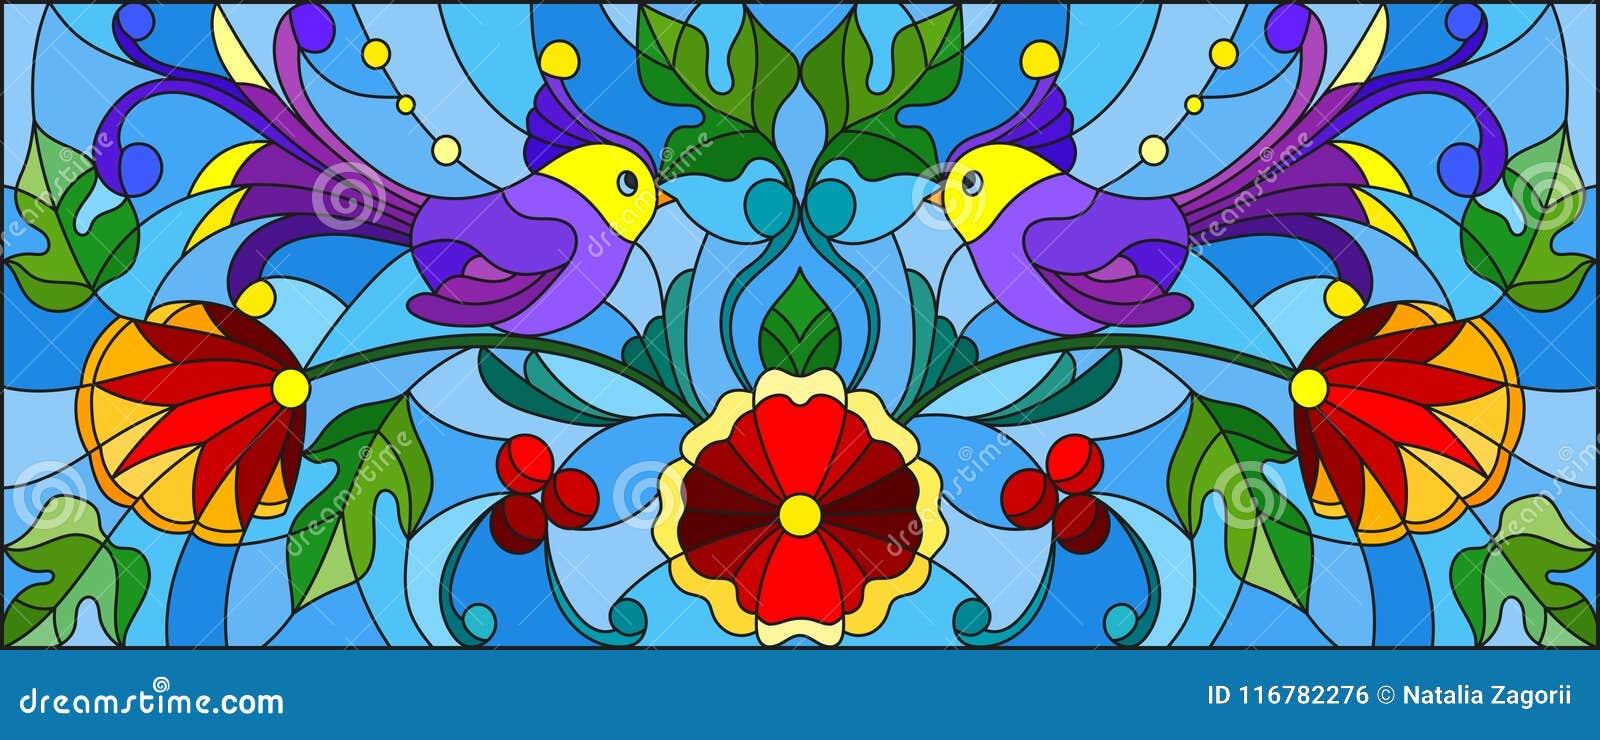 Witraż ilustracja z parą abstrakcjonistyczni purpurowi ptaki, kwiaty i wzory na błękitnym tle, horyzontalny wizerunek